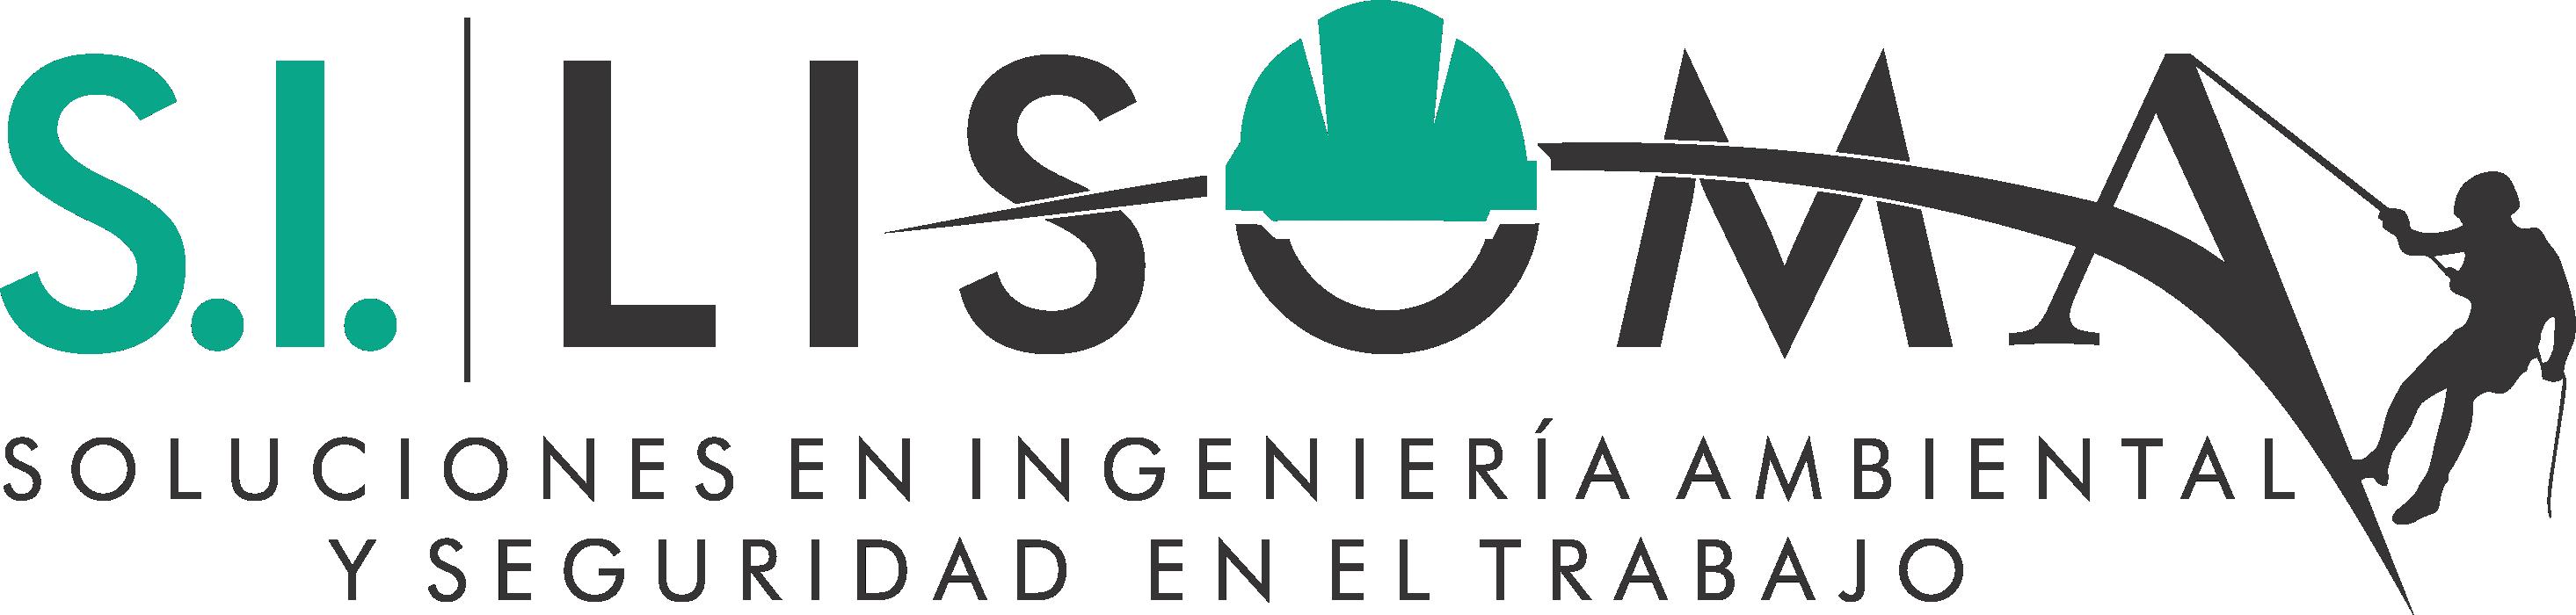 S.I. Lisoma | Soluciones en ingeniera ambiental y seguridad